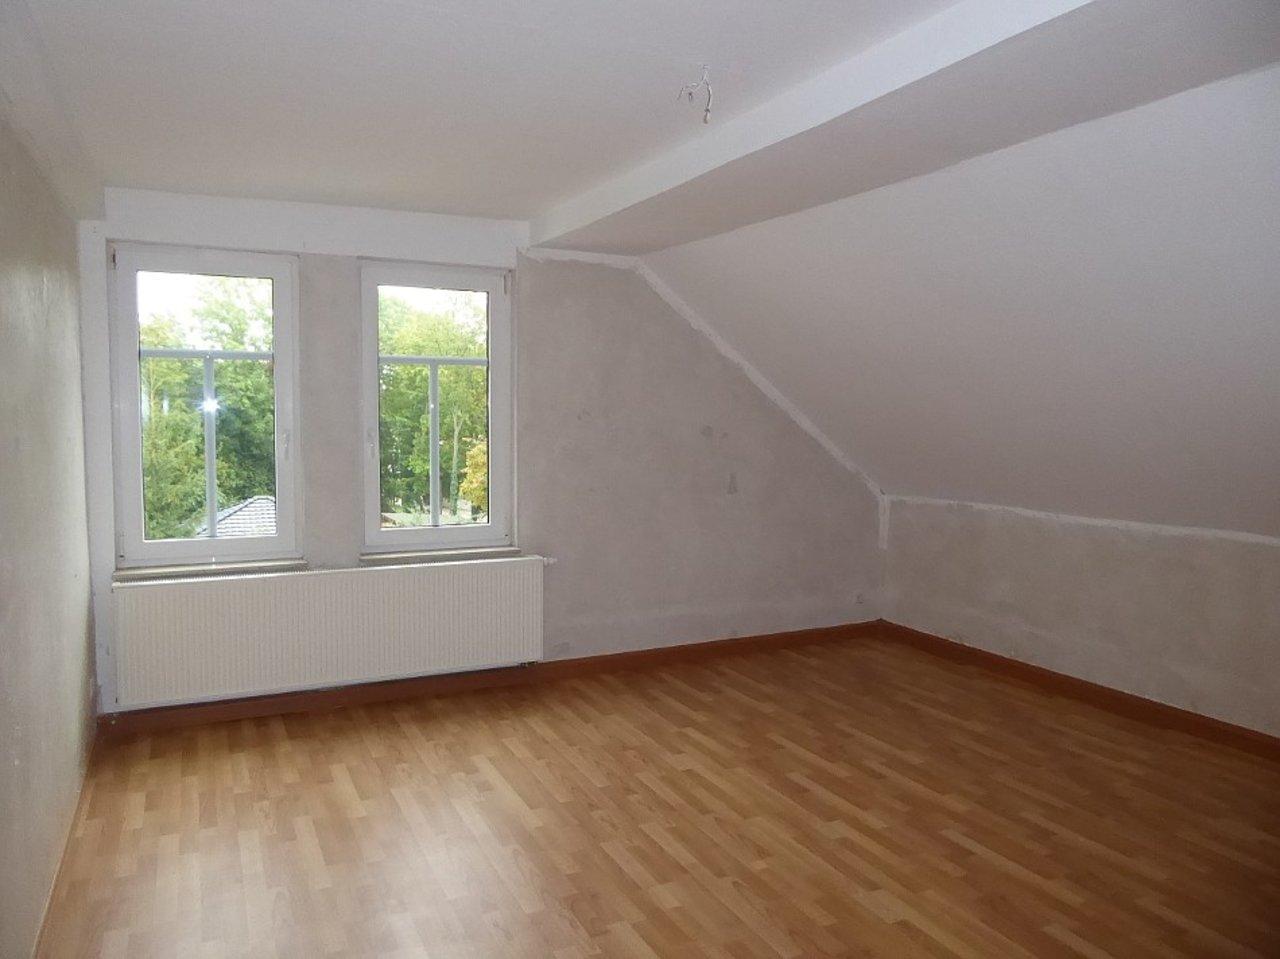 Individuelle 3-Zimmer-DG-Wohnung mit ausgebautem Dachspitz in Arnstadt-Schlafen